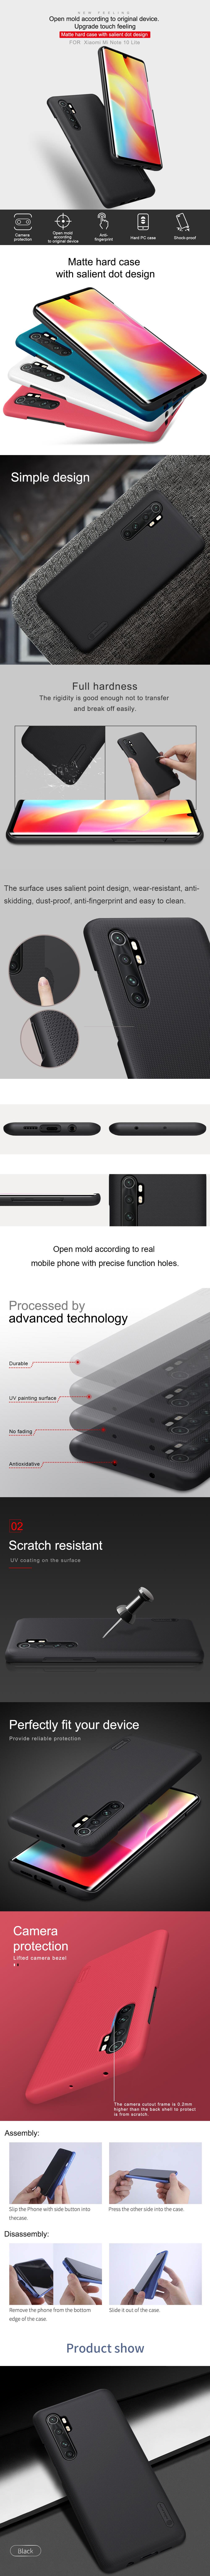 کاور اورجینال نیلکین مدل Super Frosted Shield مناسب برای گوشی موبایل شیائومی می نوت 10 لایت